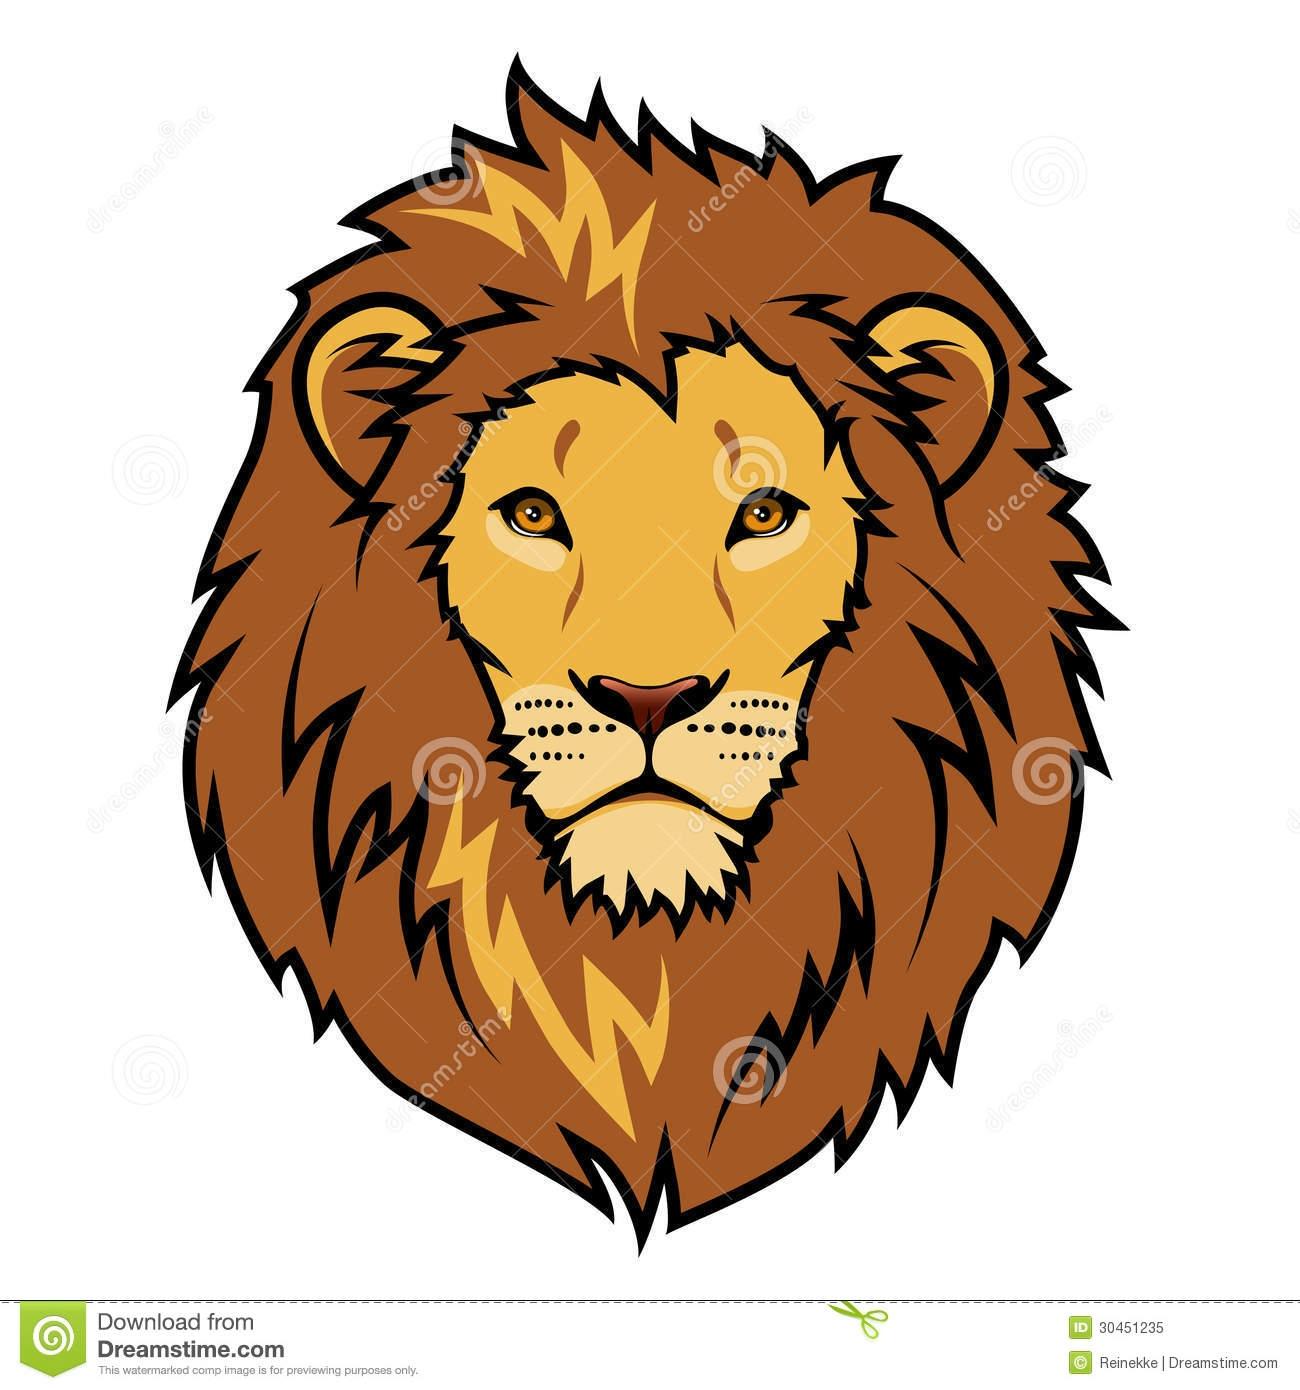 Lion face clipart simple.